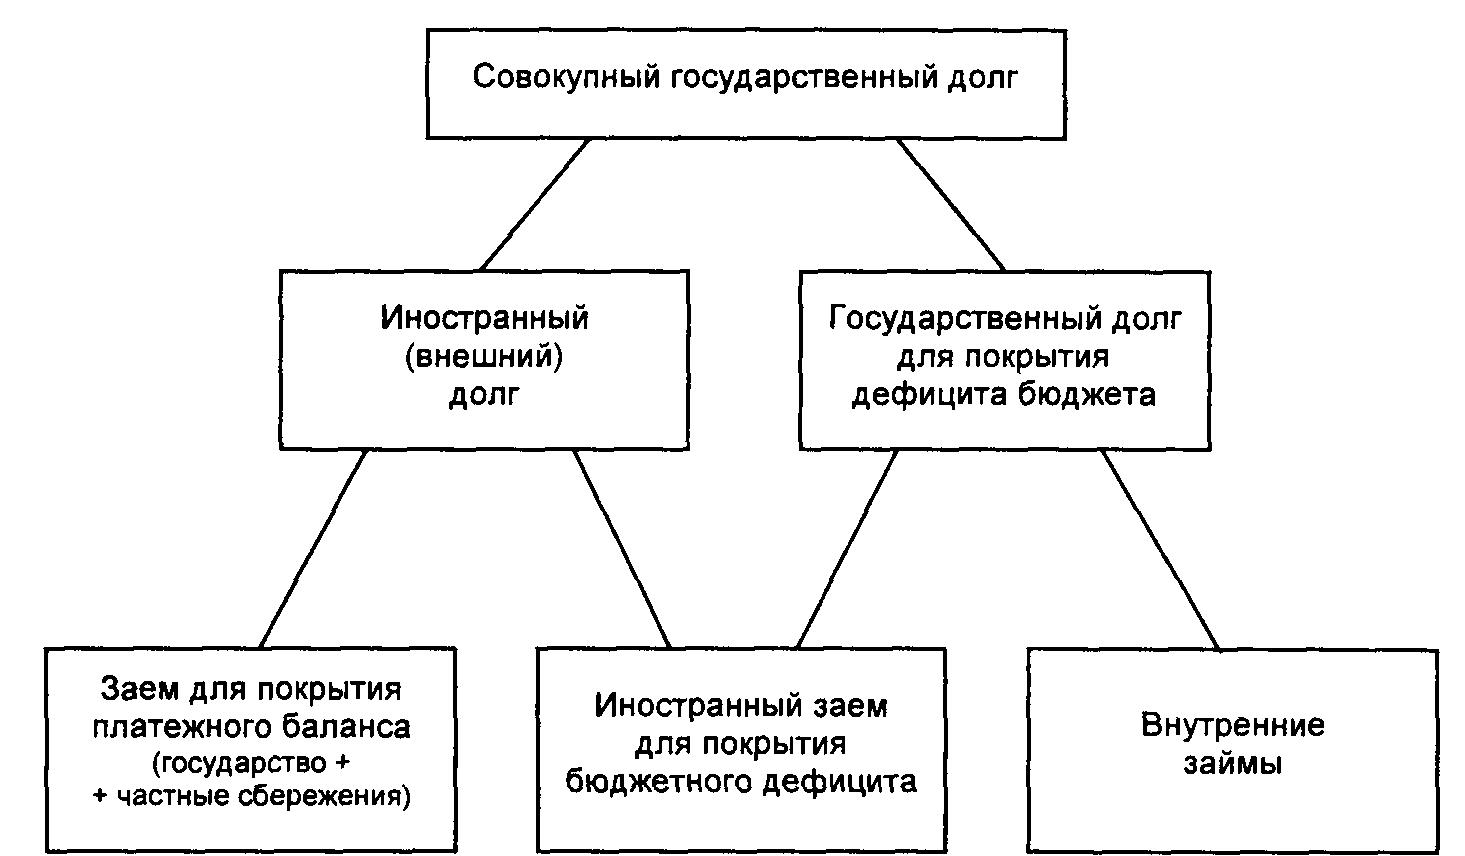 Ссуды от частных лиц в новосибирске